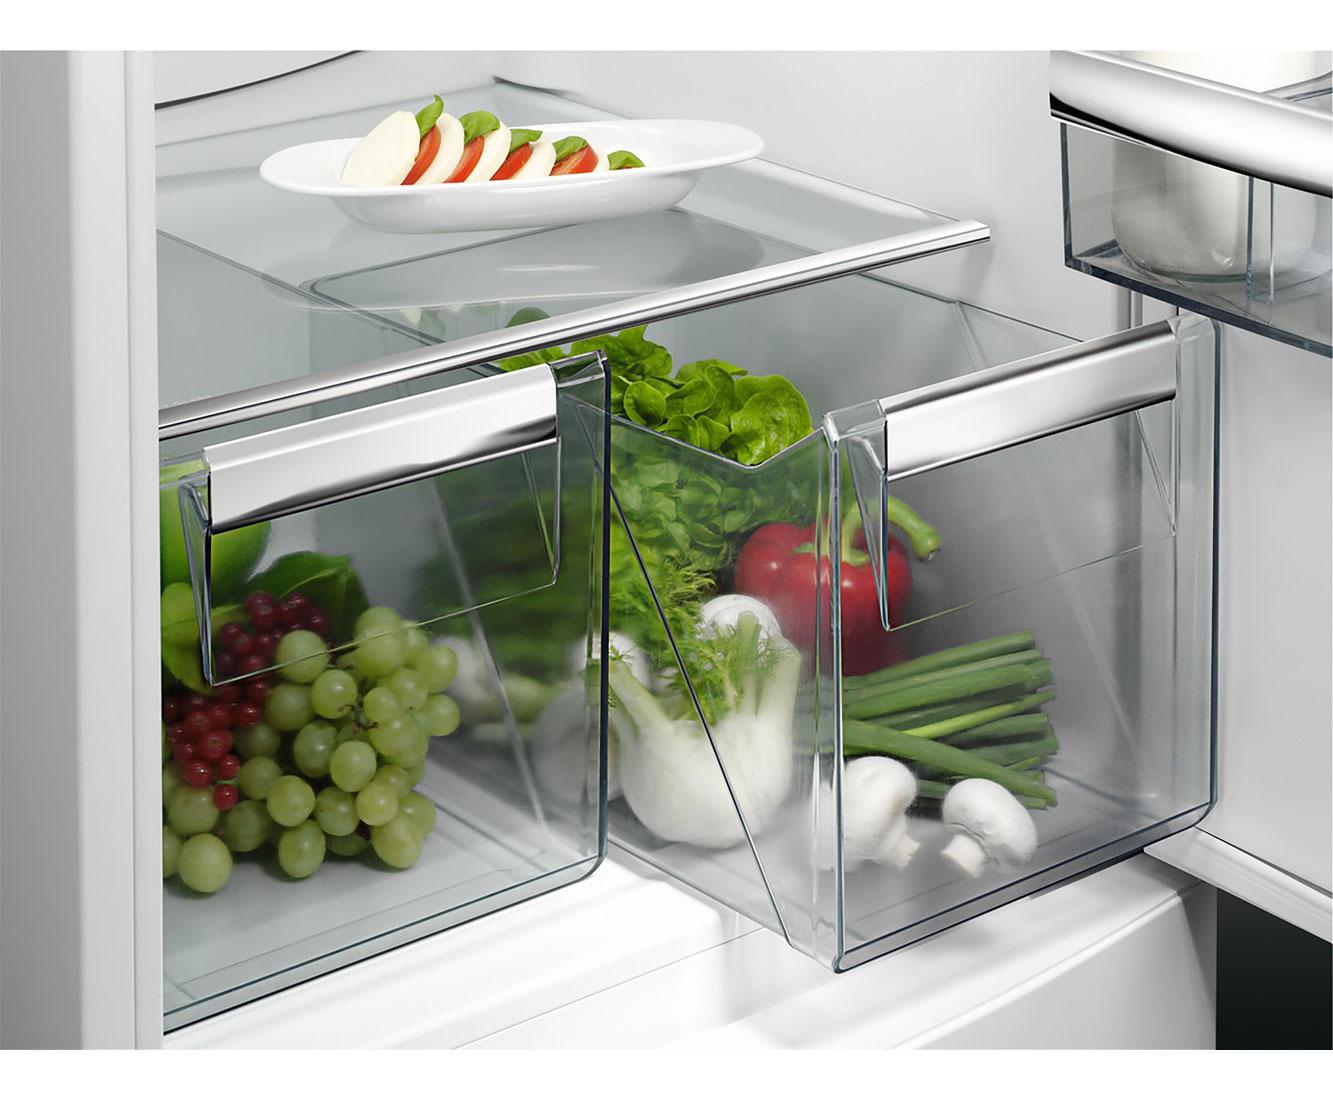 Aeg Kühlschrank Santo Kühlt Nicht : Kühlschrank aeg santo kühlt nicht aeg santo sks f einbau